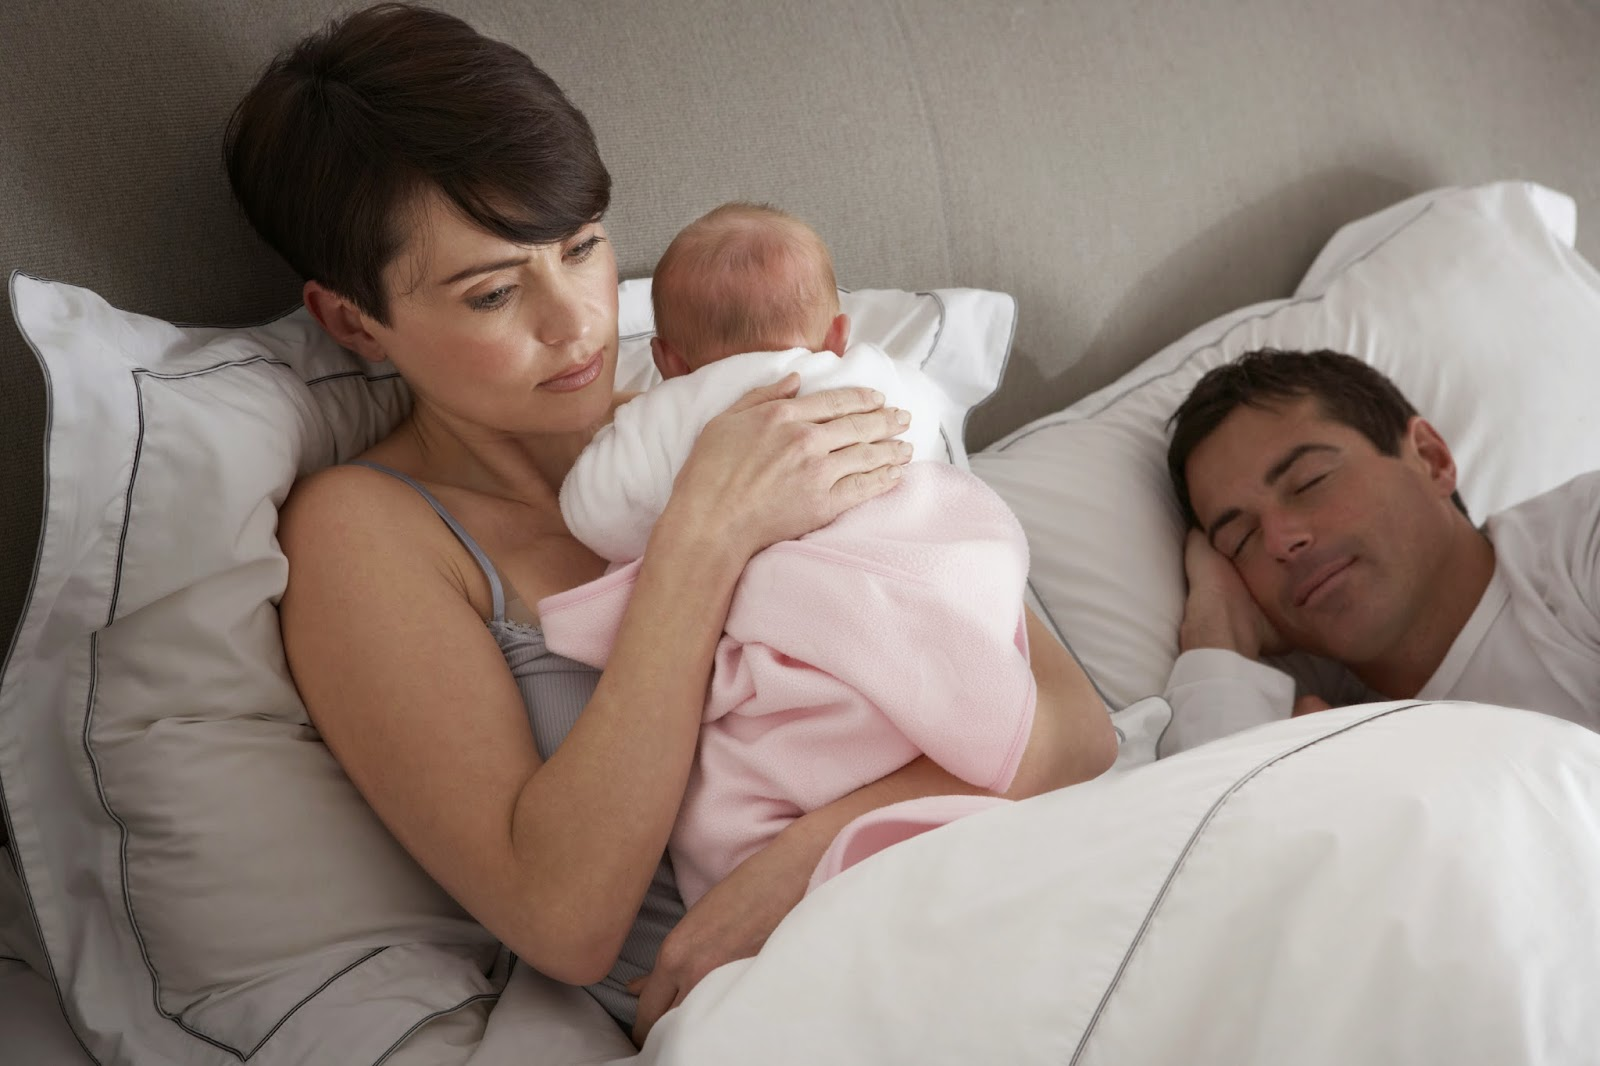 Lohusa Anneler Cilt Bakımını Nasıl Yapmalı